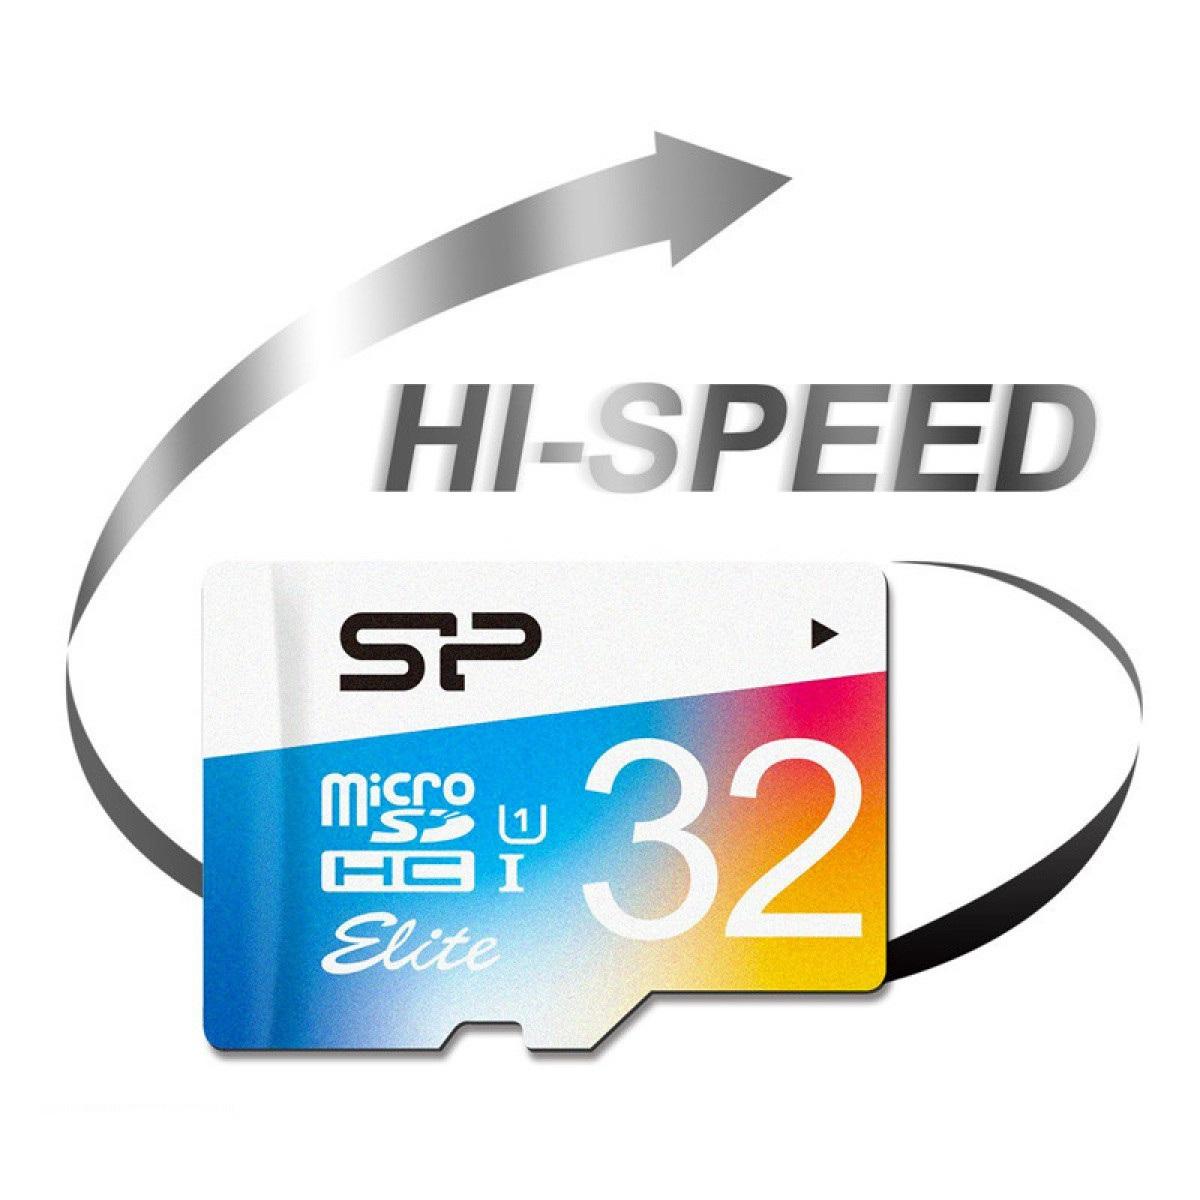 کارت حافظه microSDHC سیلیکون پاور مدل Elite کلاس 10 استاندارد UHC-I U1 سرعت 100MBps ظرفیت 32 گیگابایت main 1 7